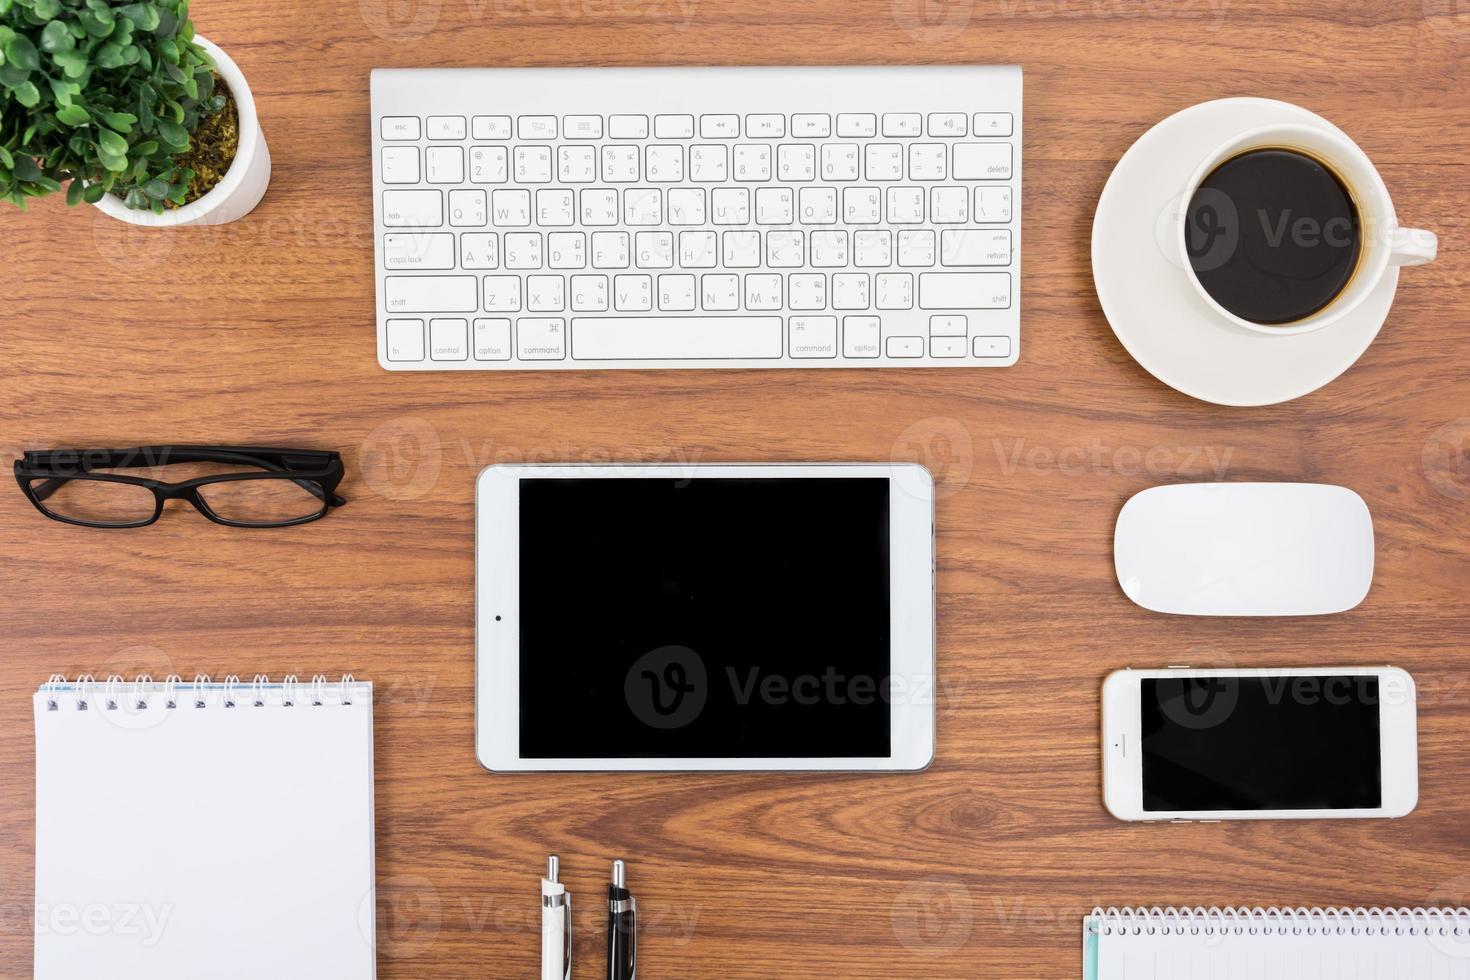 scrivania con tastiera, mouse e penna foto